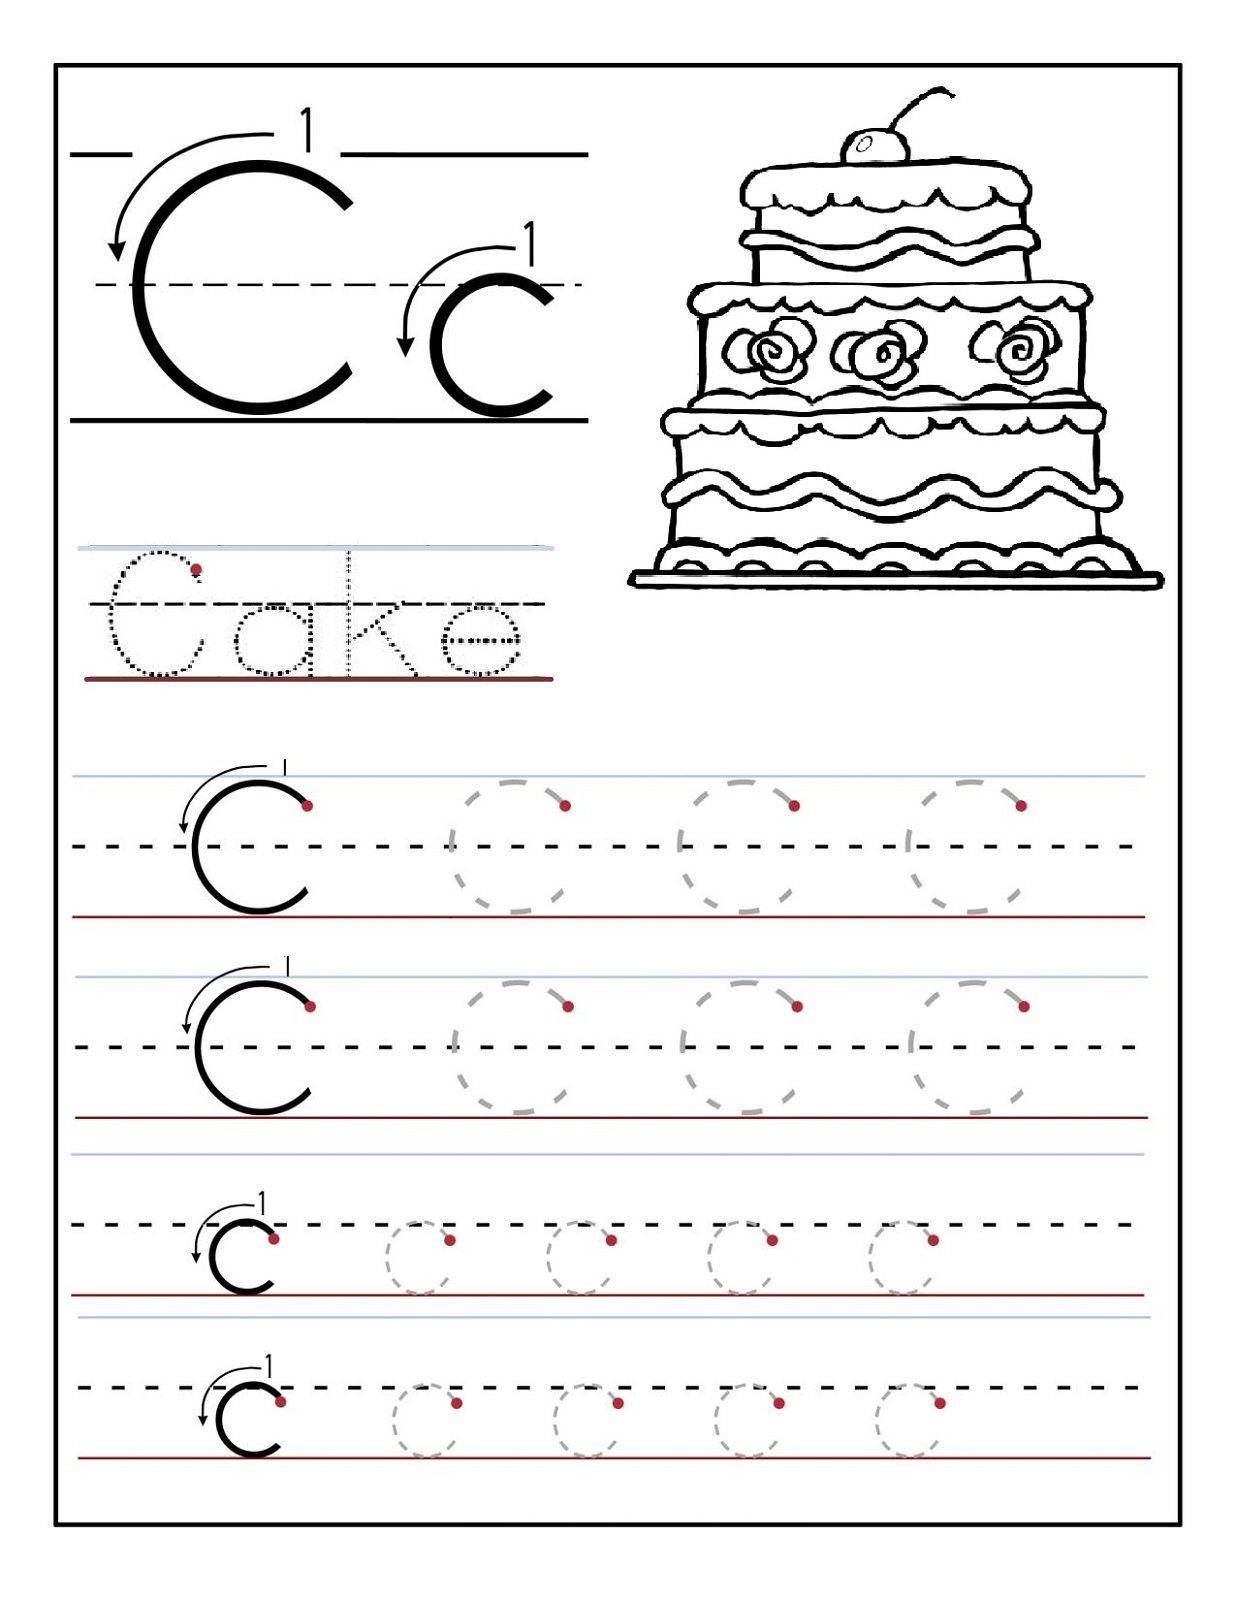 Trace The Letter C Worksheets | Alphabet Worksheets